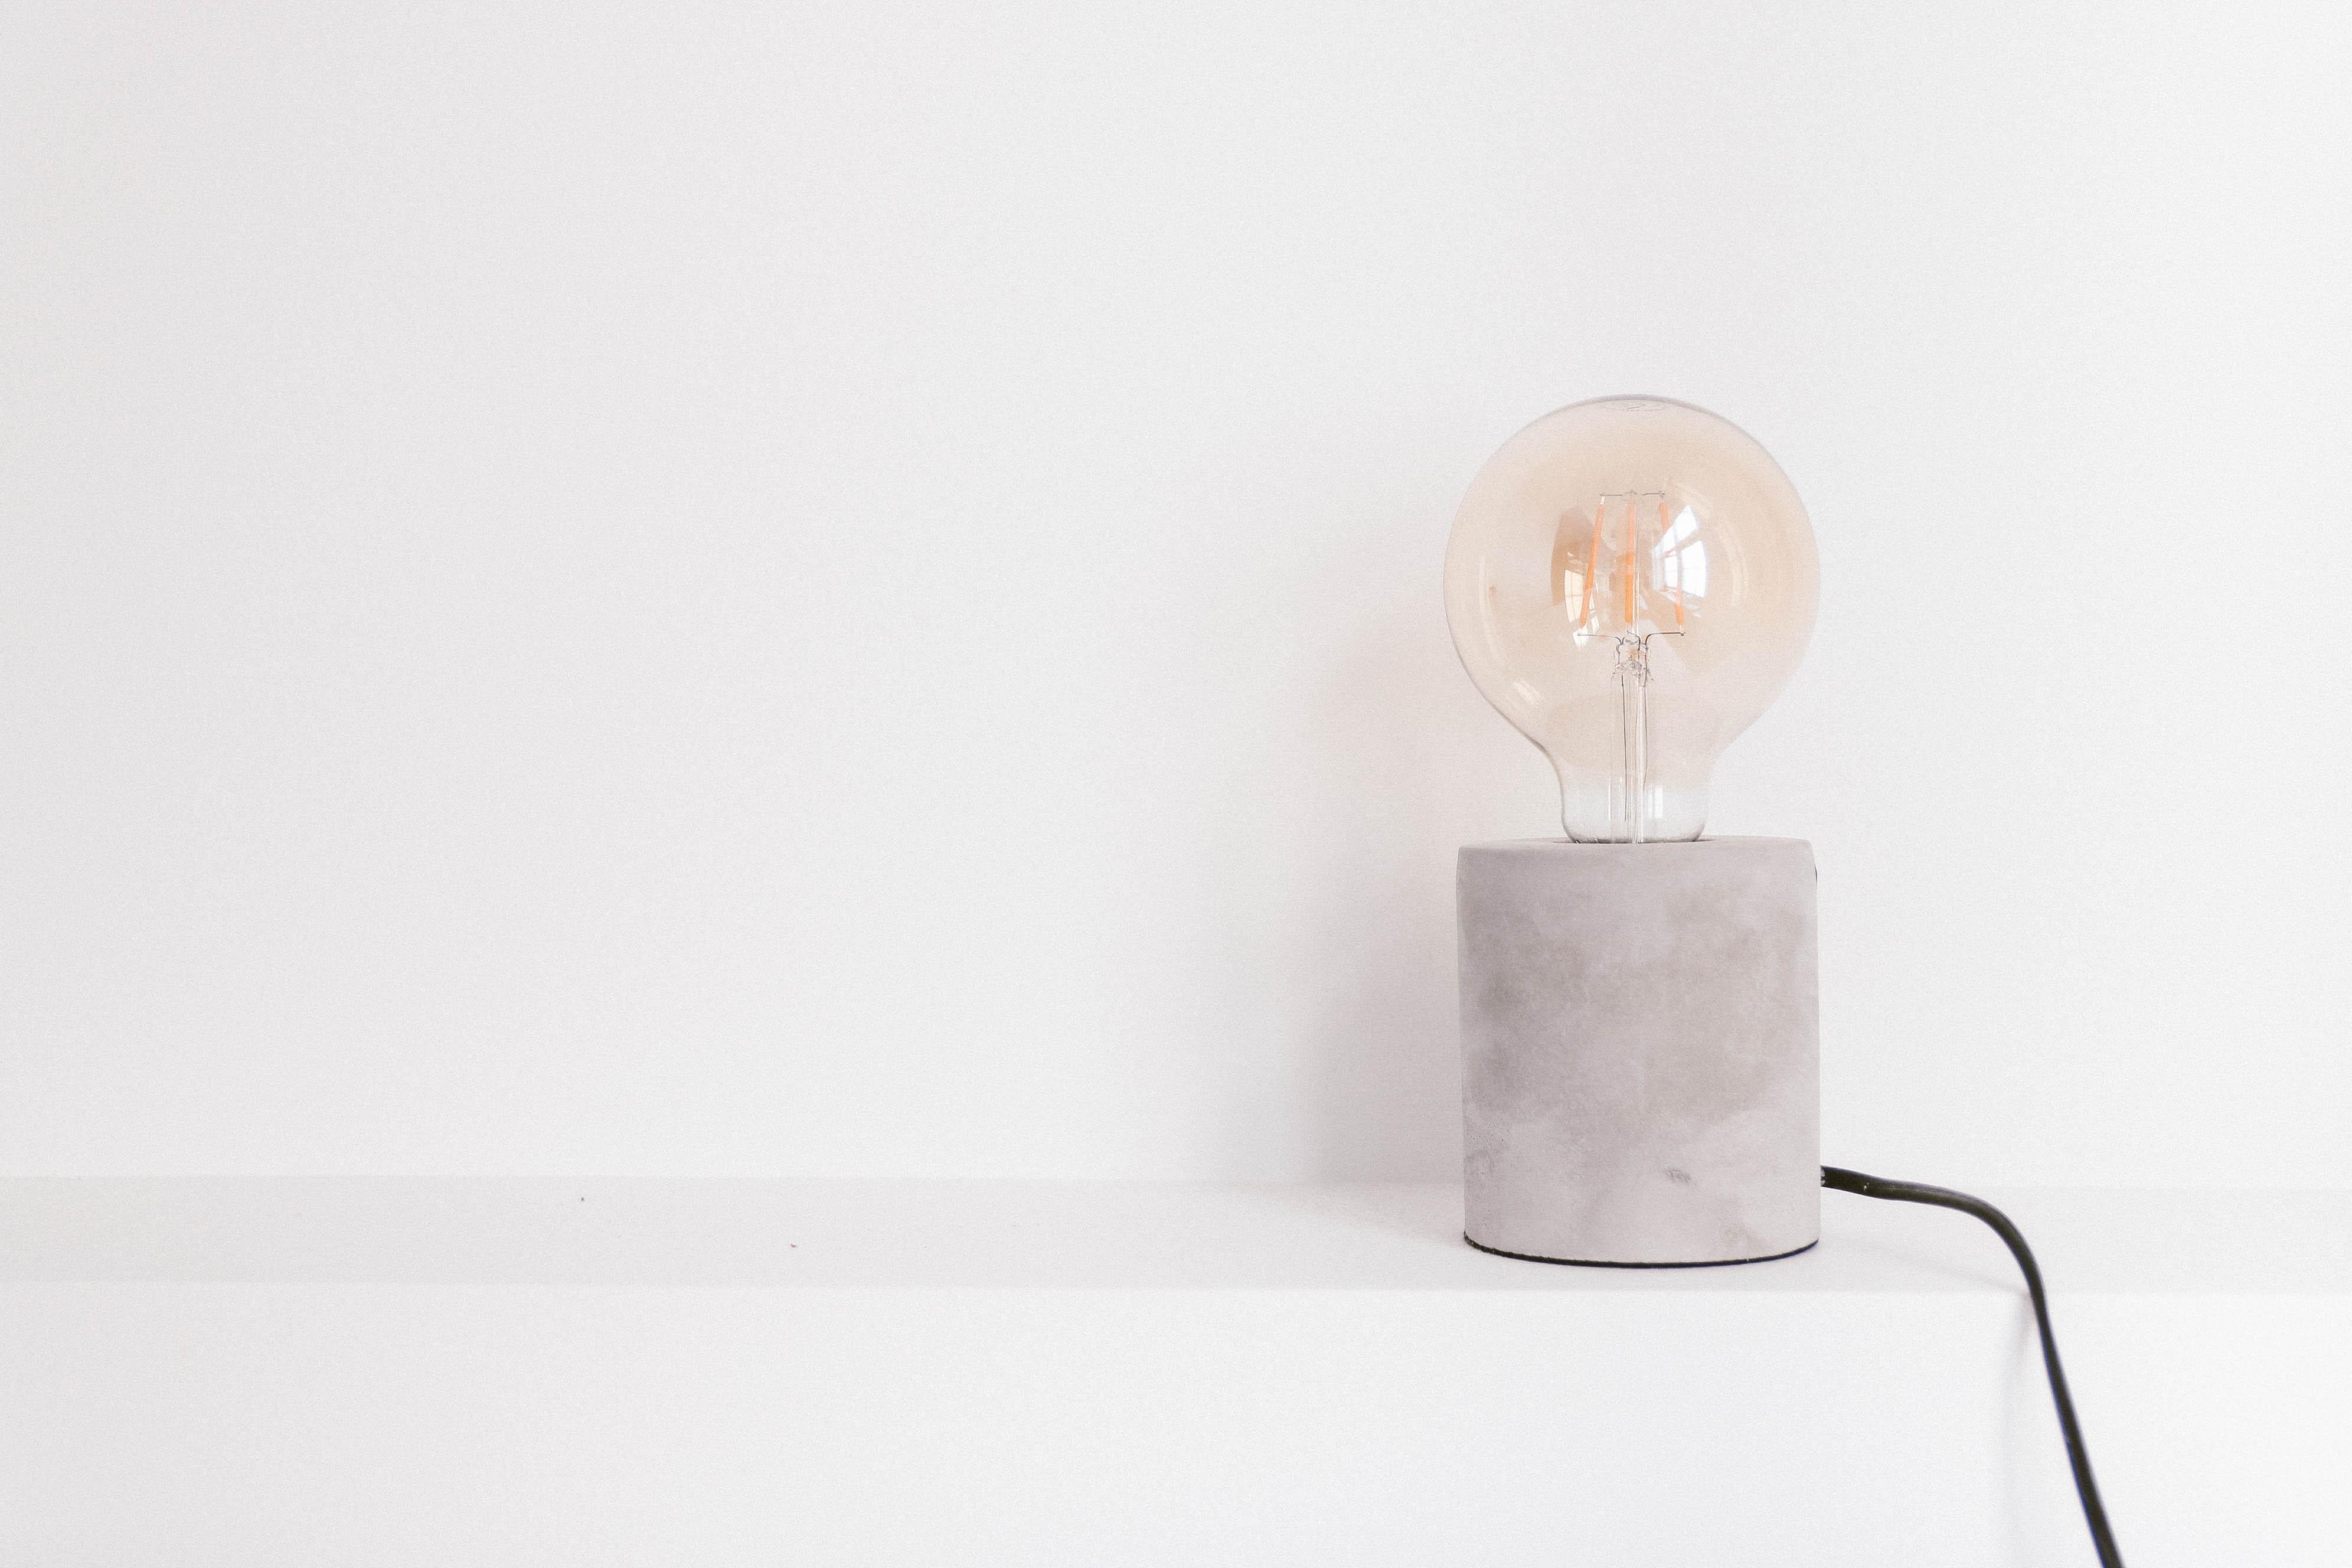 Light Bulb on White Panel